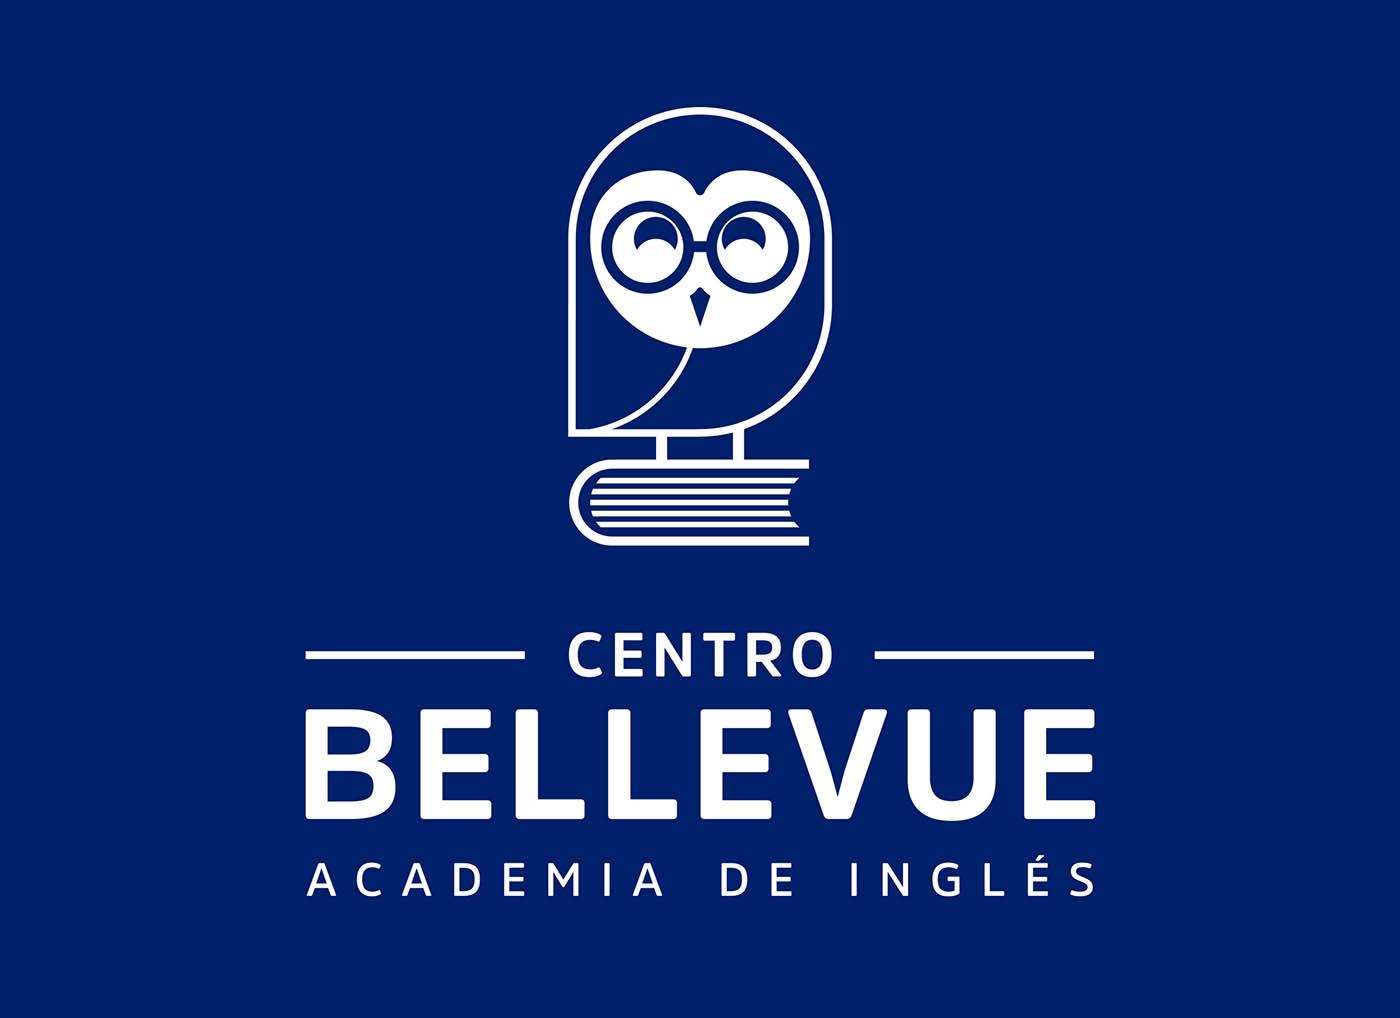 Logotipo Centro Bellevue